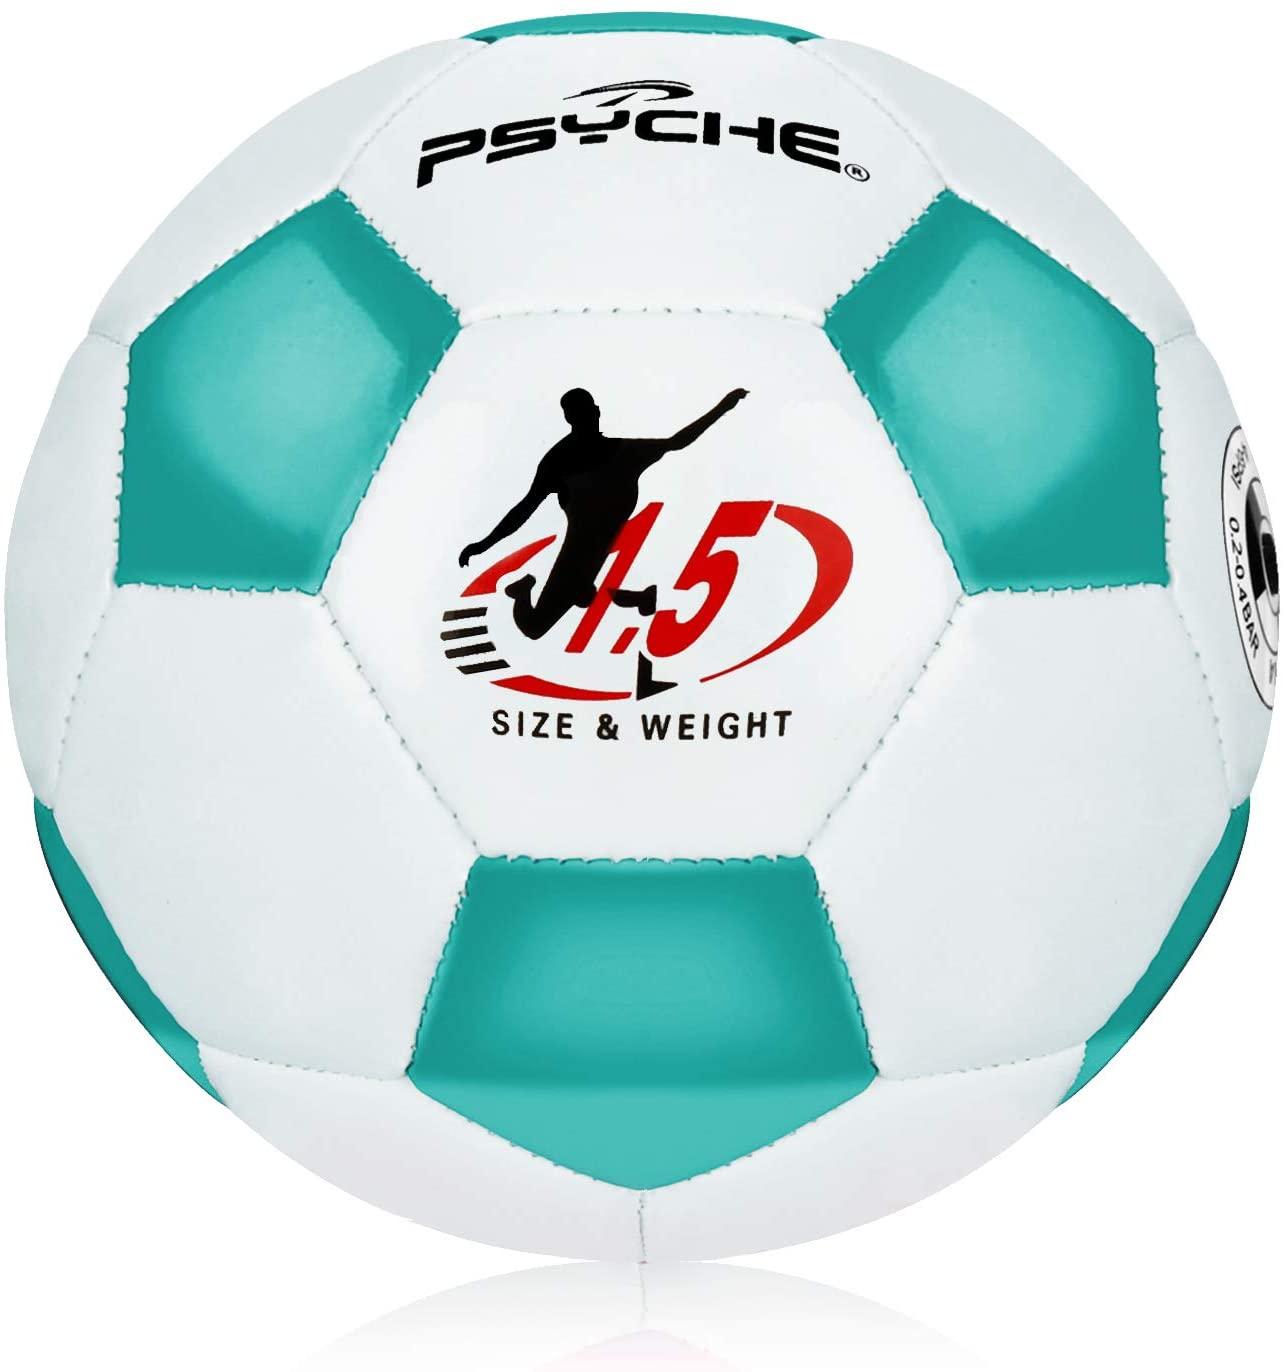 stocking-stuffer-ideas-for-kids-soccer-ball